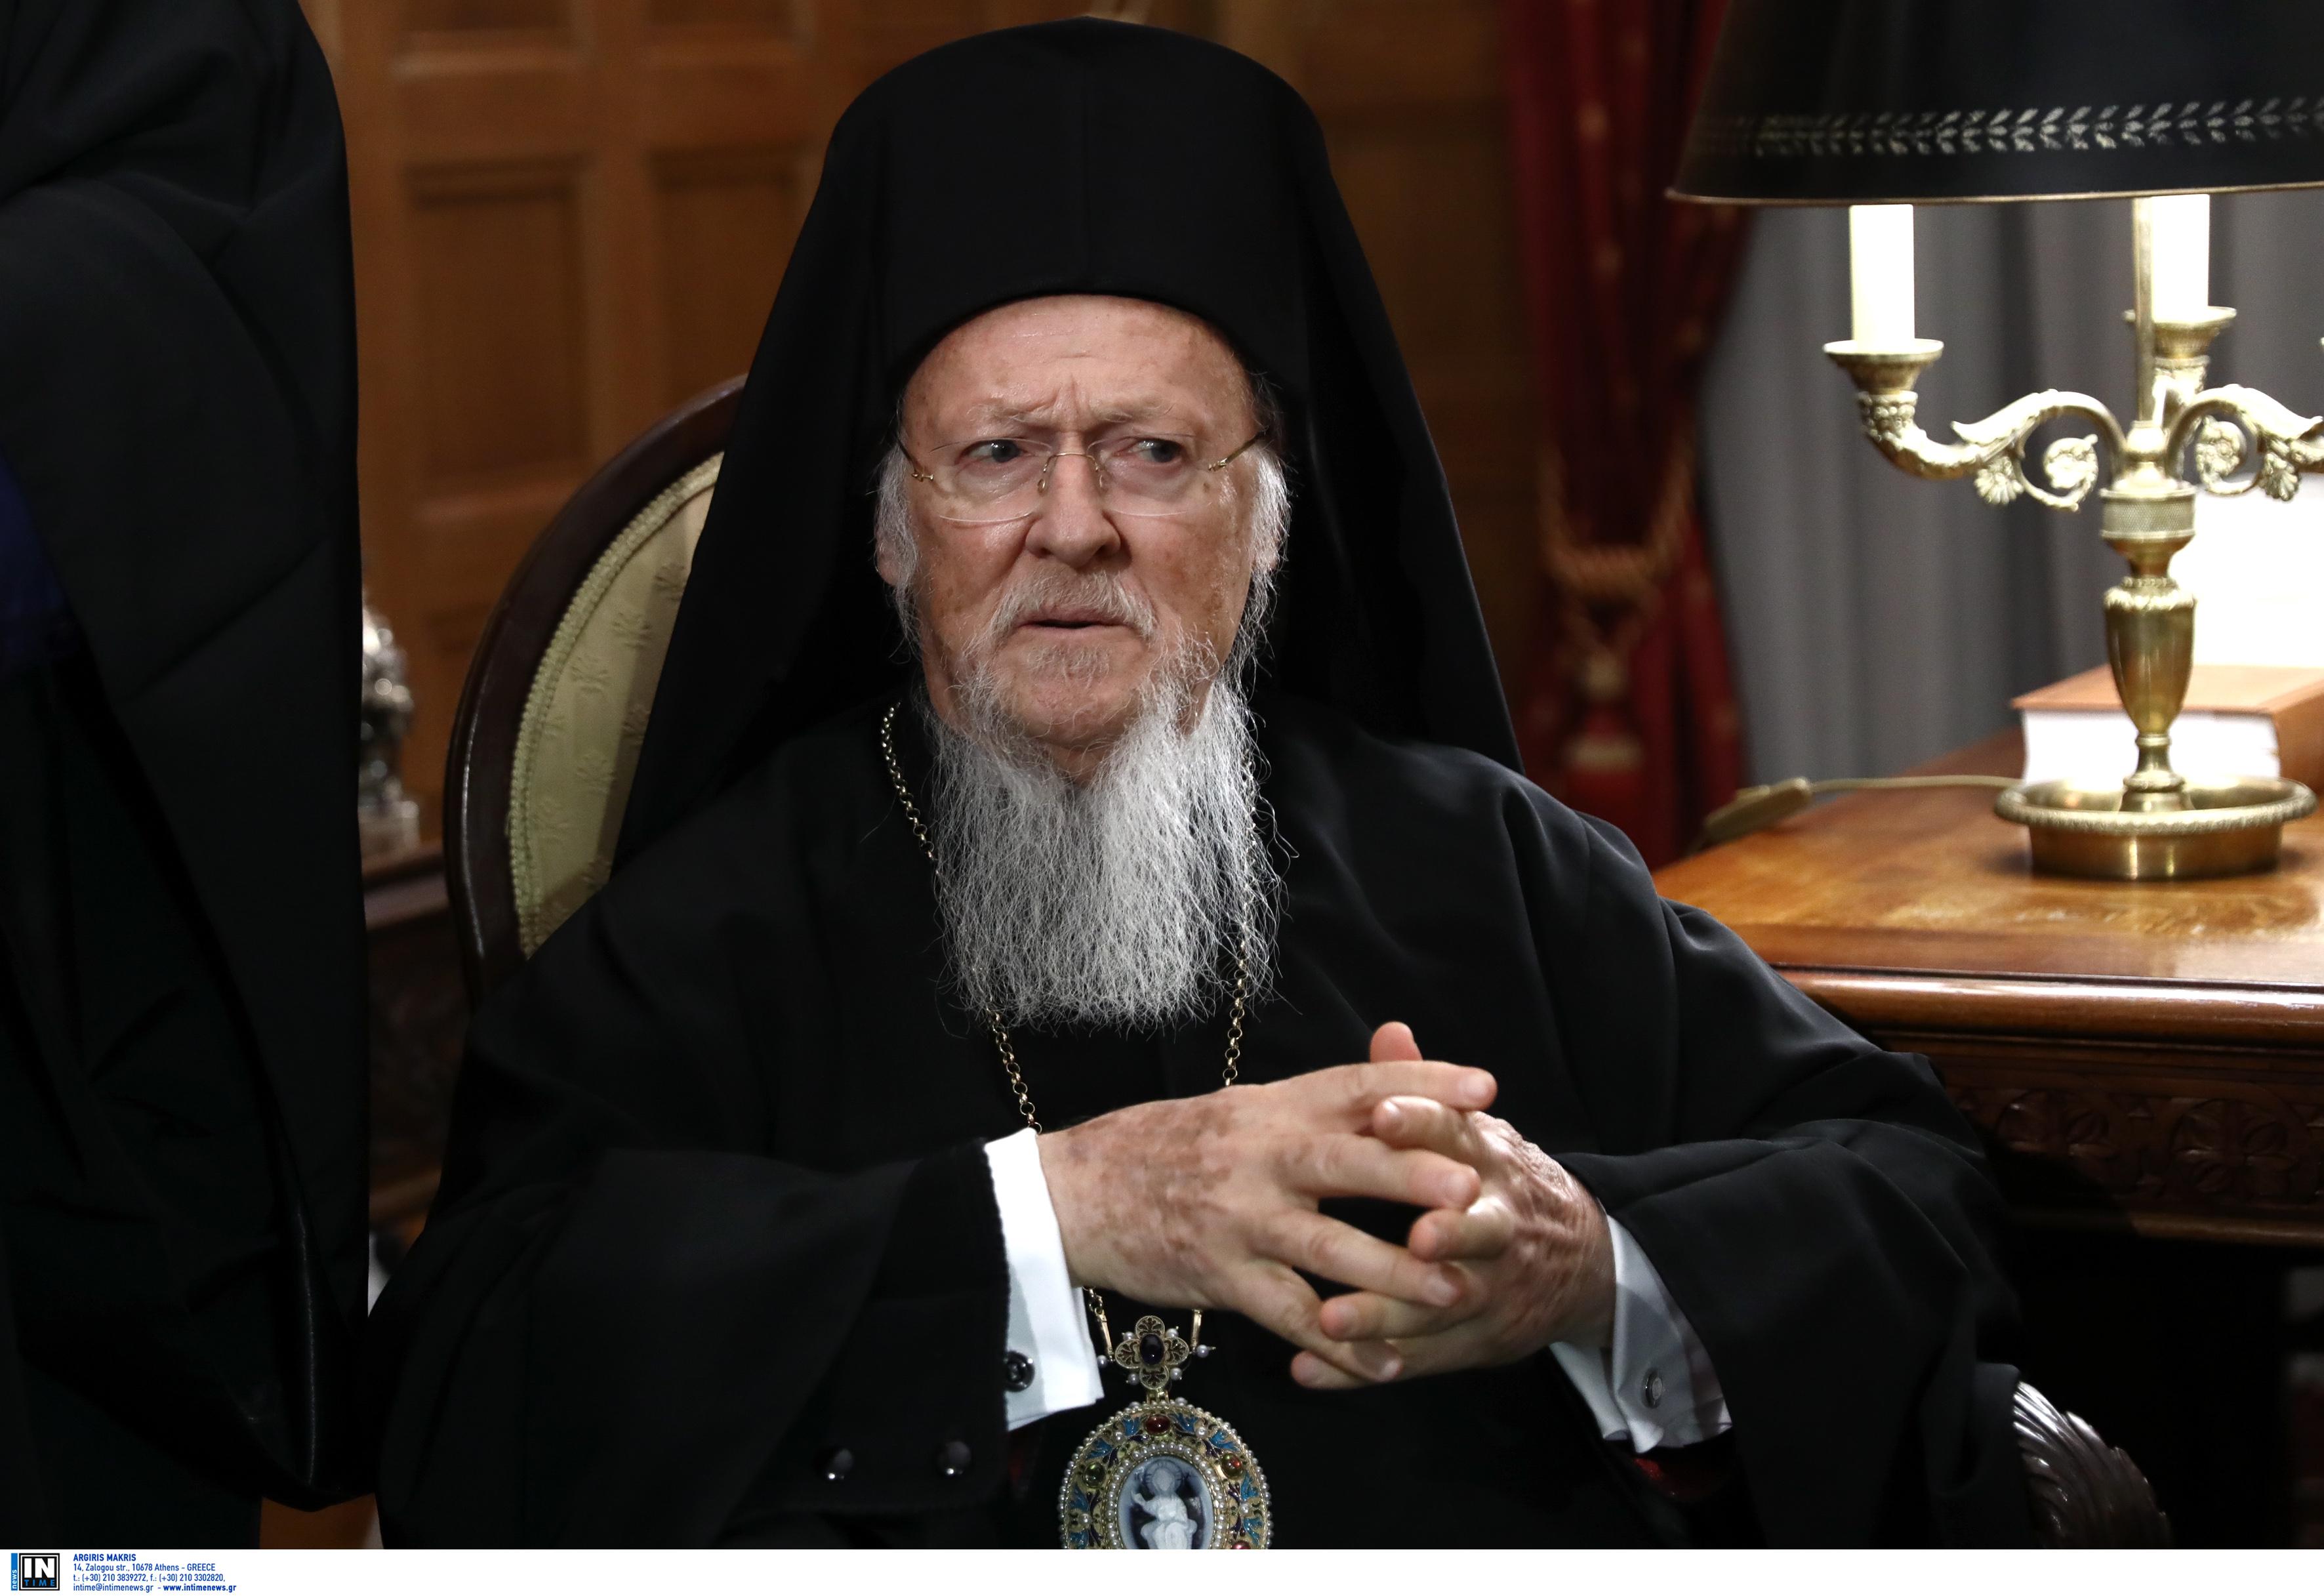 Βαρθολομαίος: Αν κάνουν την Αγιά Σοφιά τζαμί θα στρέψουν τους Χριστιανούς κατά του Ισλάμ (video)